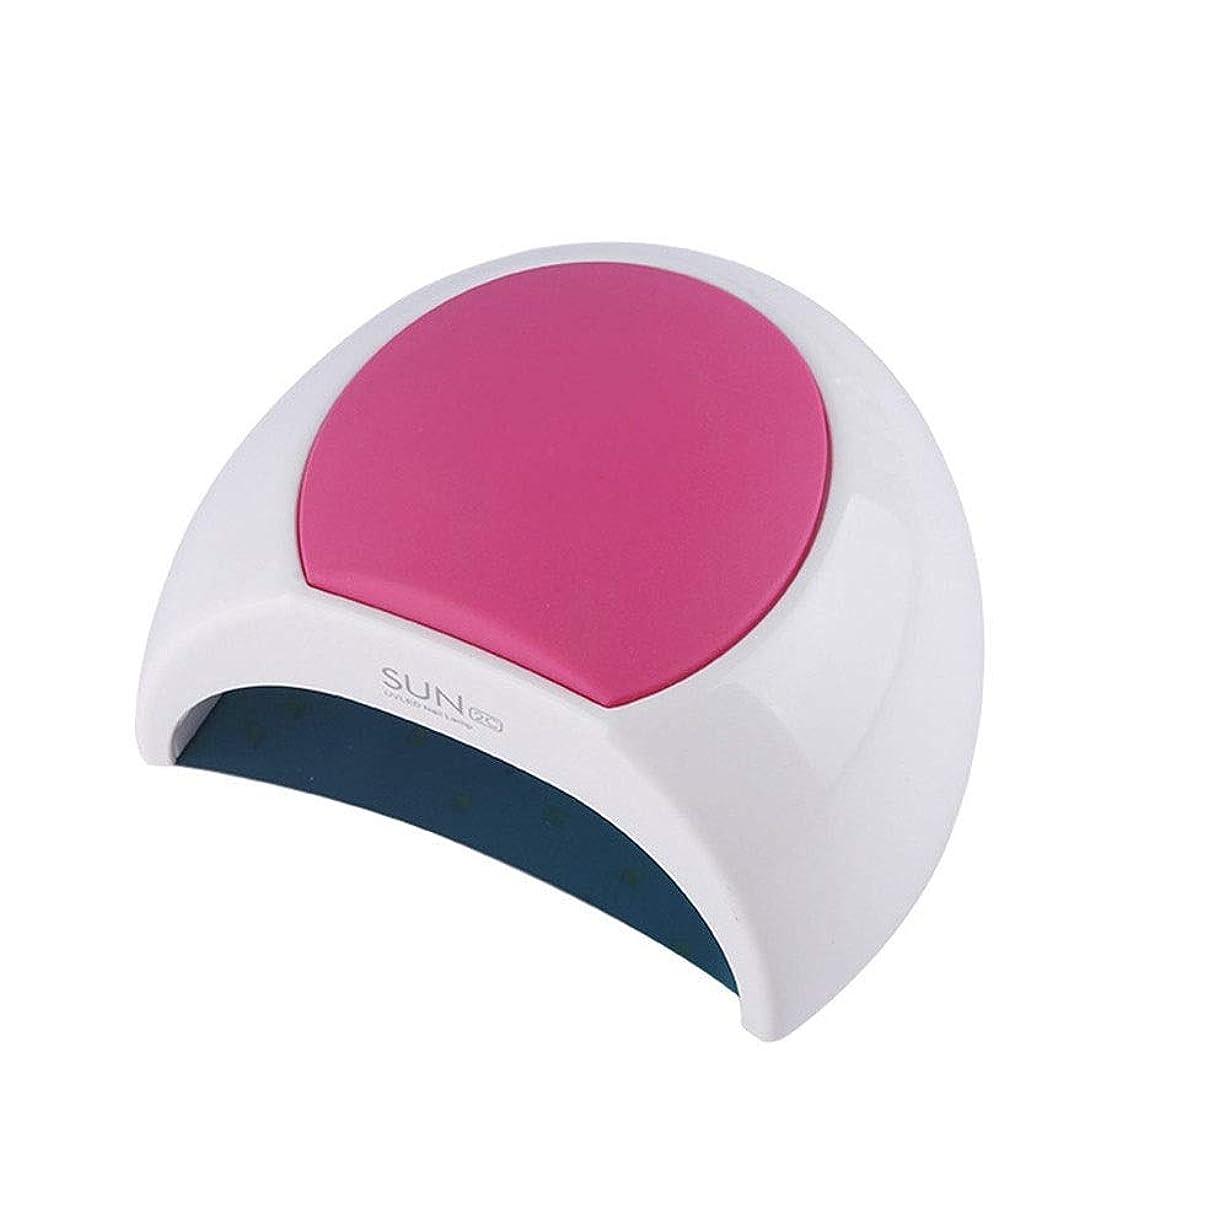 やろう待って主張ネイルポリッシュドライヤー多機能ネイル光線療法マシンの低消費電力のホームネイルアート ネイルライト (Color : Red)